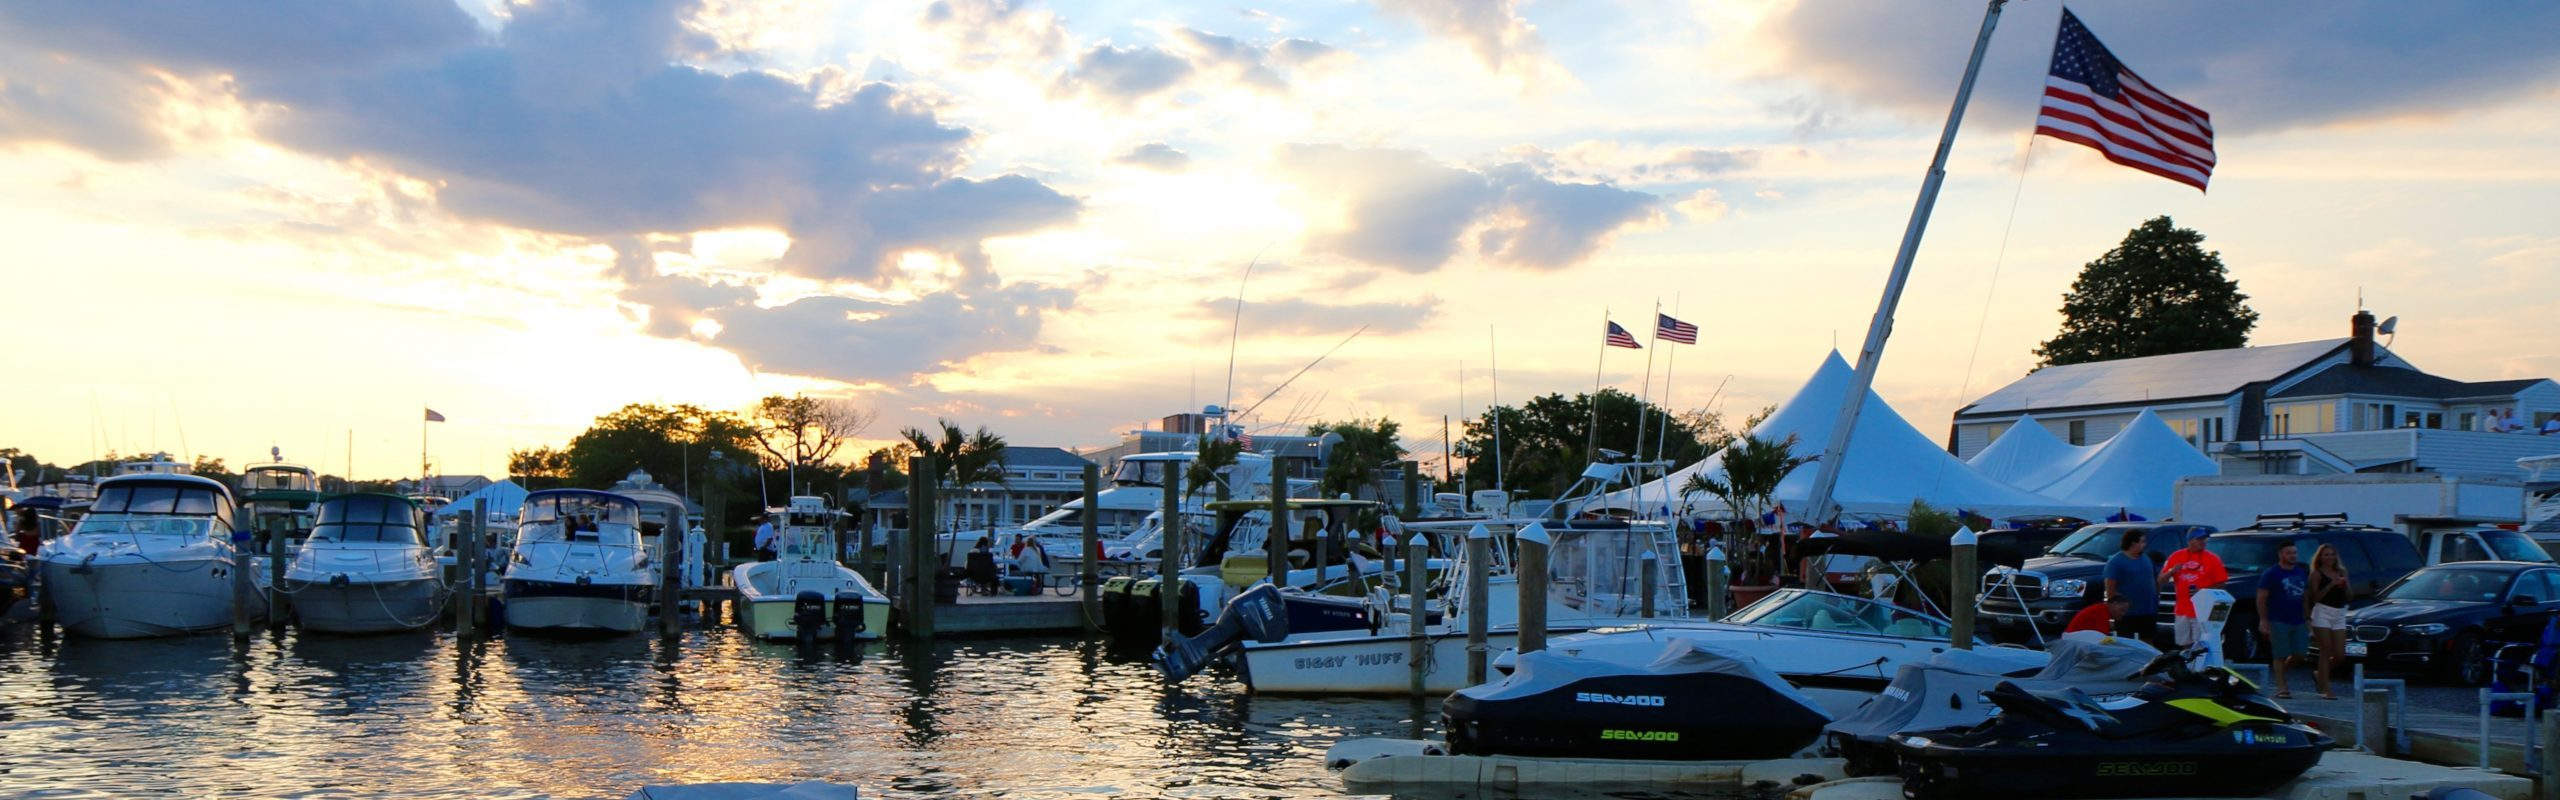 oakdale yacht boats dock